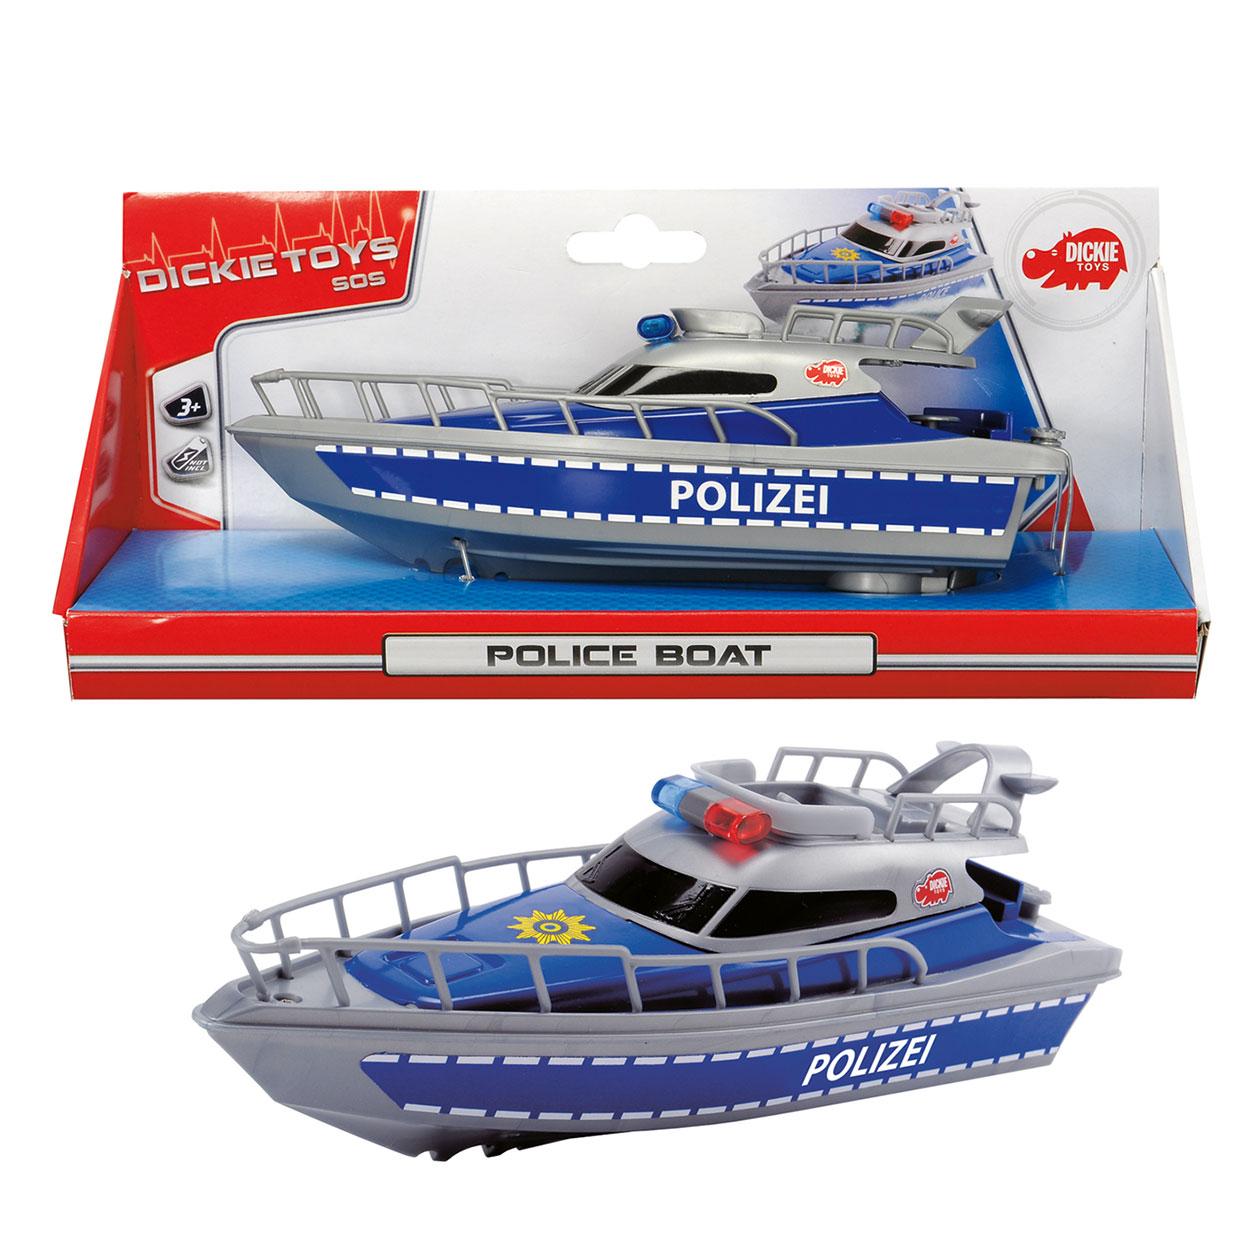 Полицейская лодка на батарейках, 23 смИгрушки для ванной<br>Полицейская лодка на батарейках, 23 см<br>